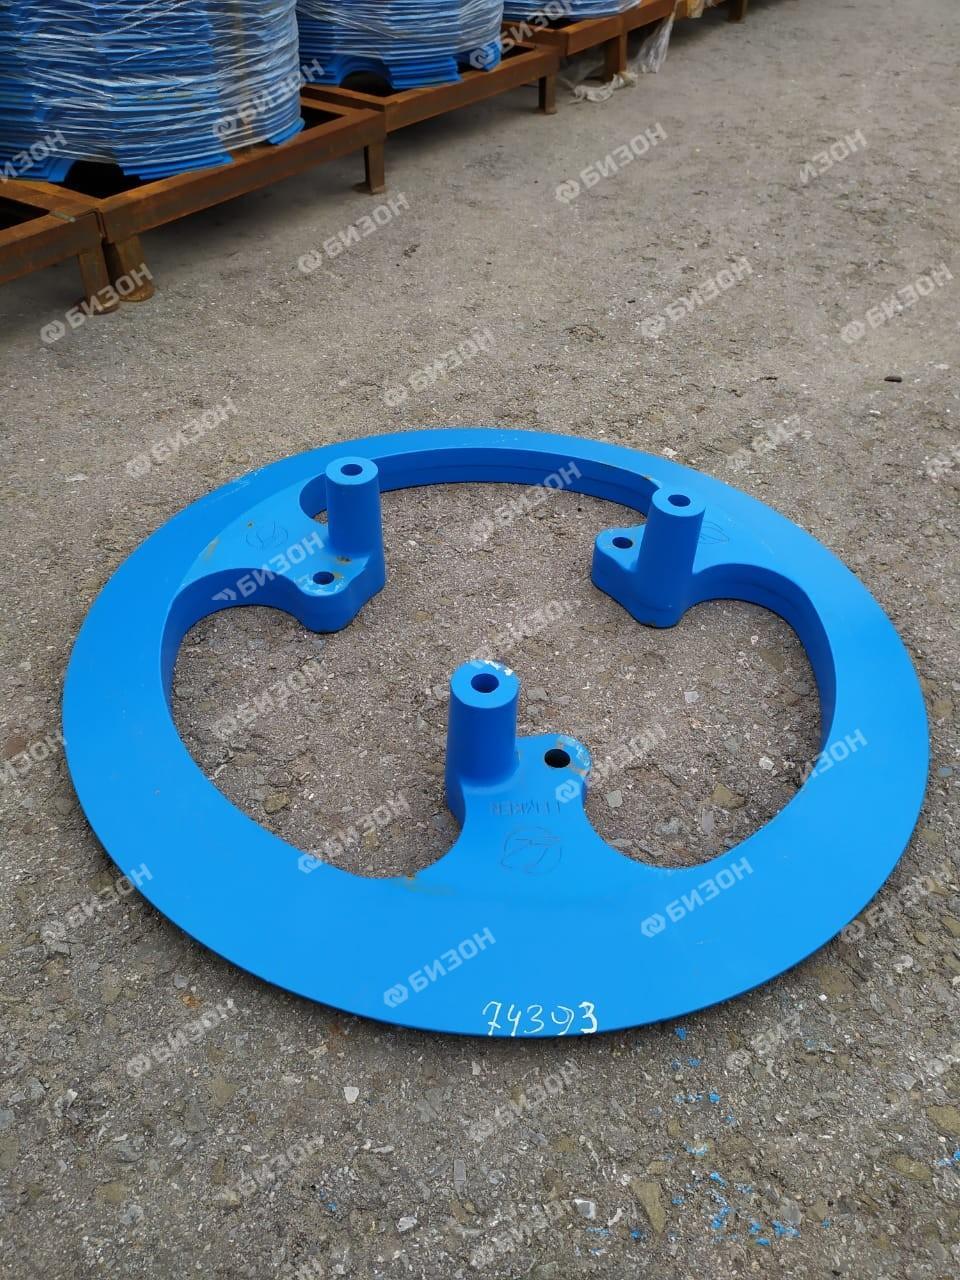 Кольцо почвоуплотнителя 700x125LKR320/30grd (ВариоПак Лемкен)